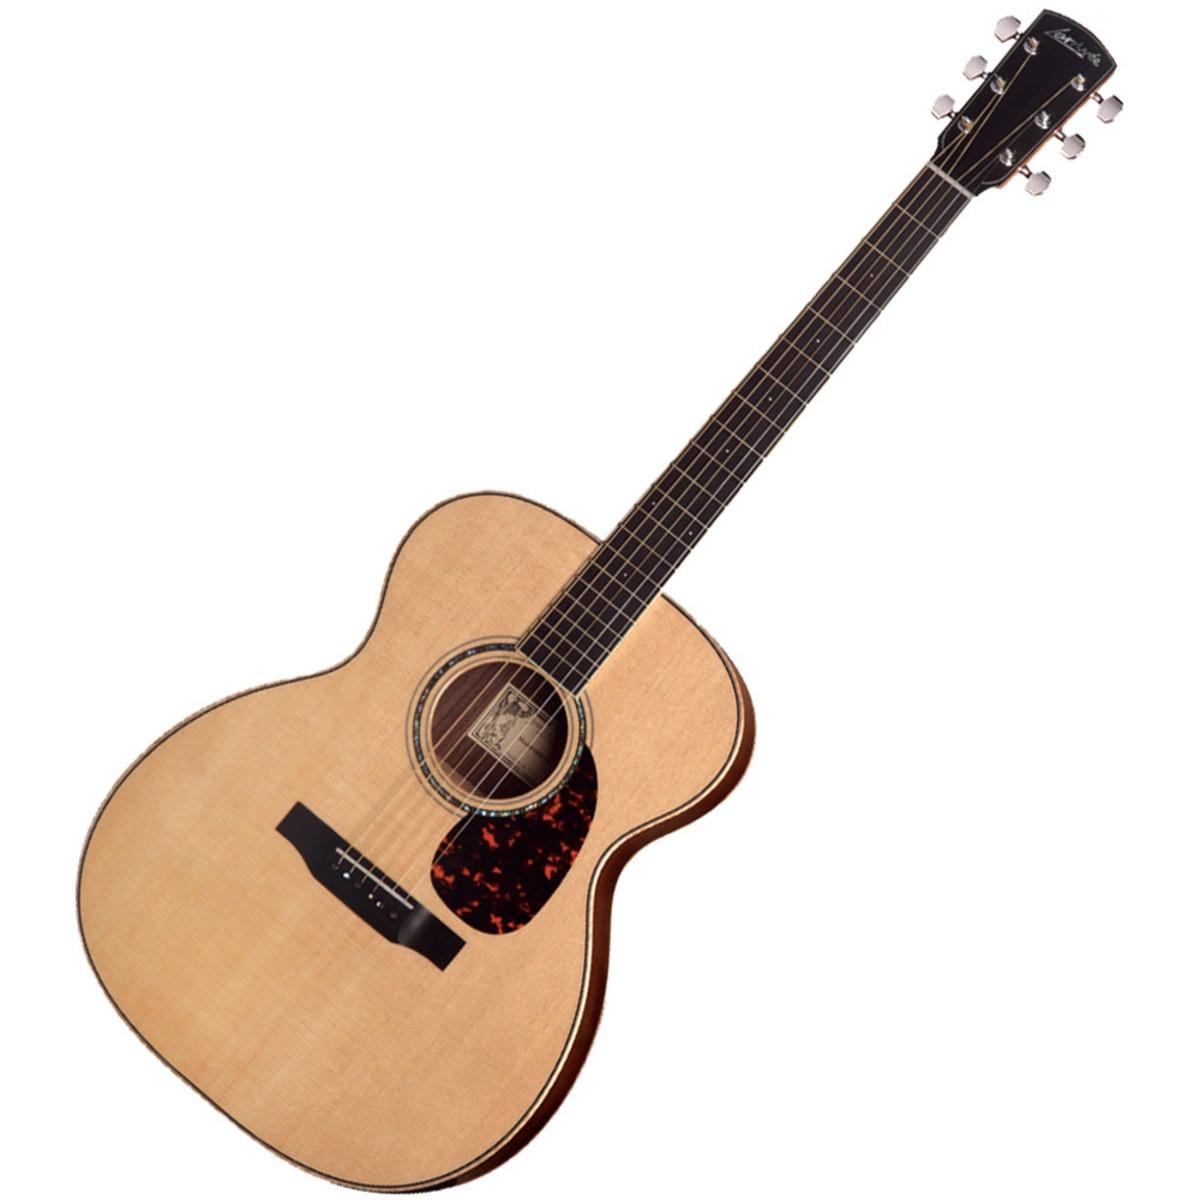 teräskielinen akustinen kitara ilmainen rakastelu video